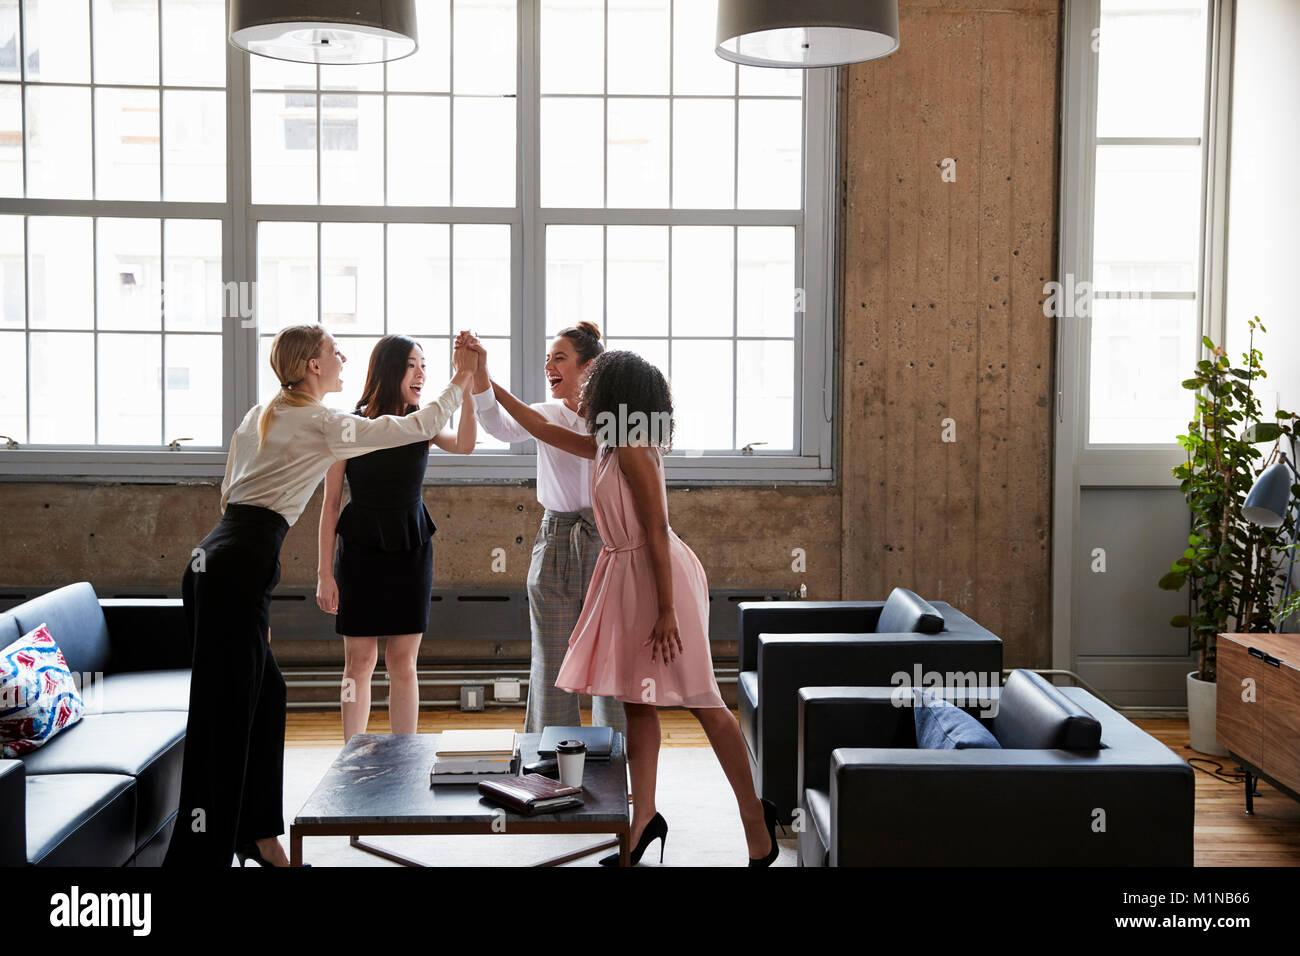 Alta cinco compañeras en una reunión motivacional Imagen De Stock